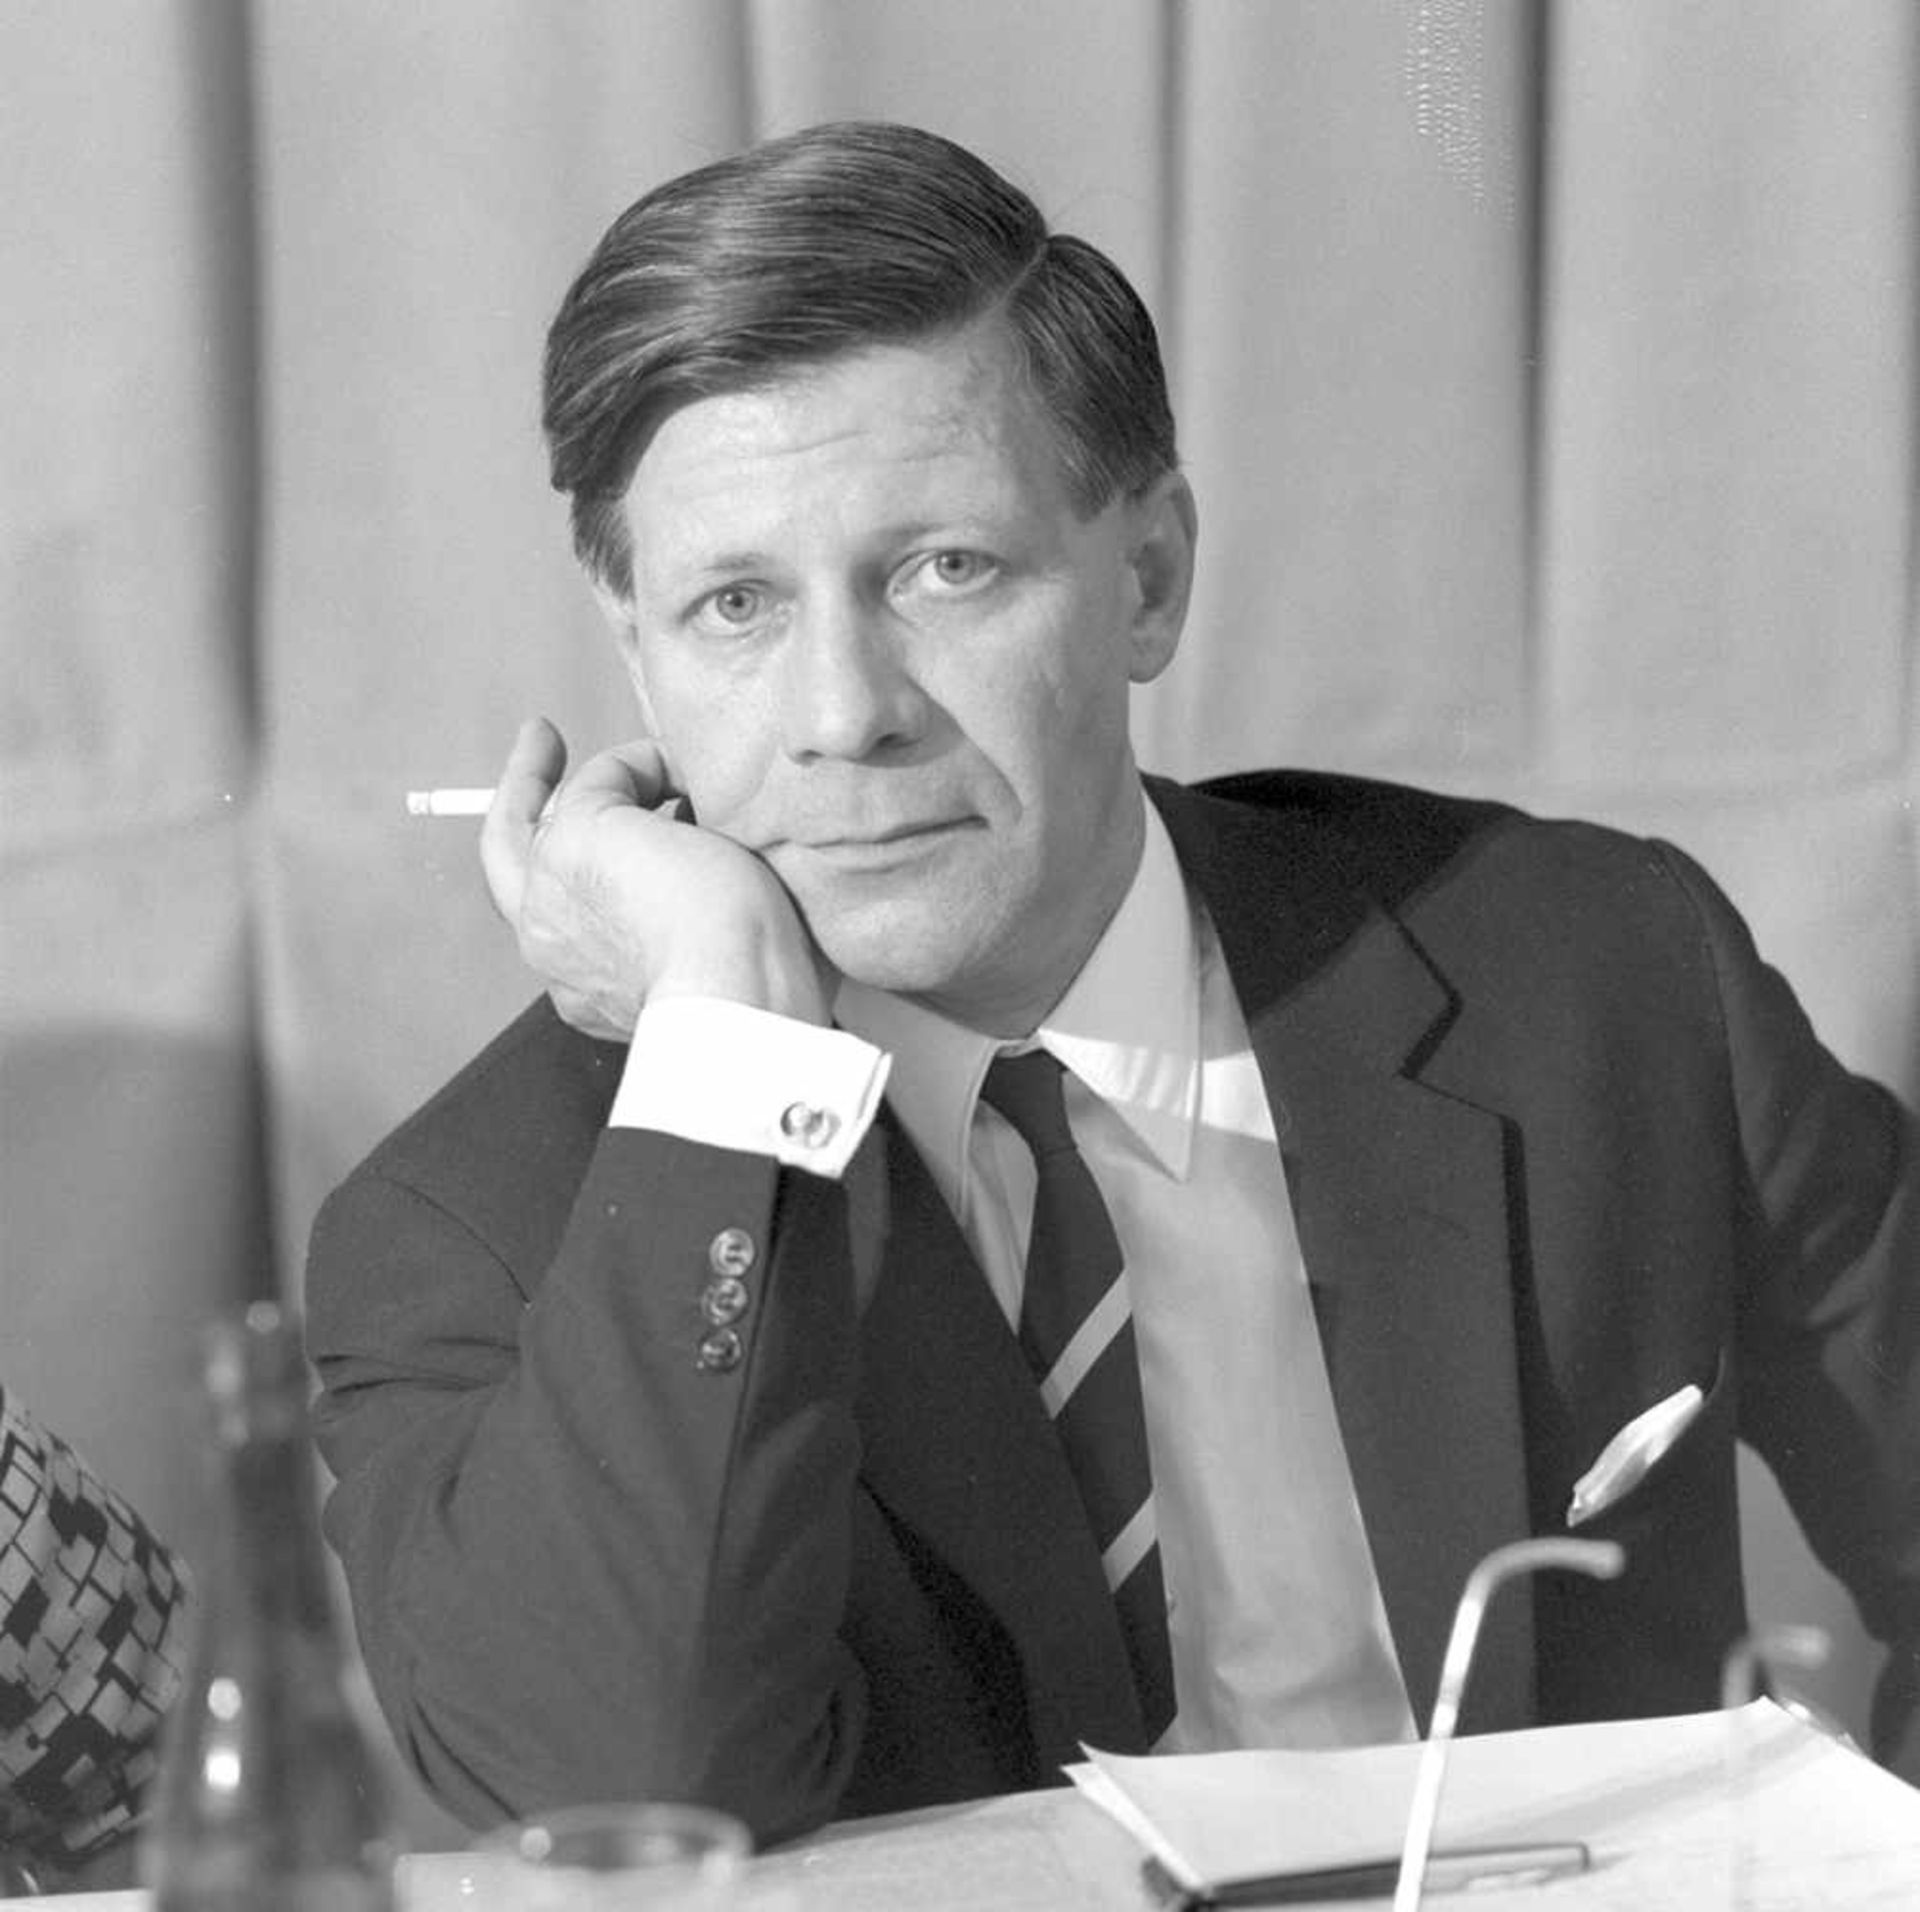 Joseph Heinrich Darchinger (1925-2013). Auf dem SPD-Parteitag. 1966. Fotoprint 2018. Ca. 30